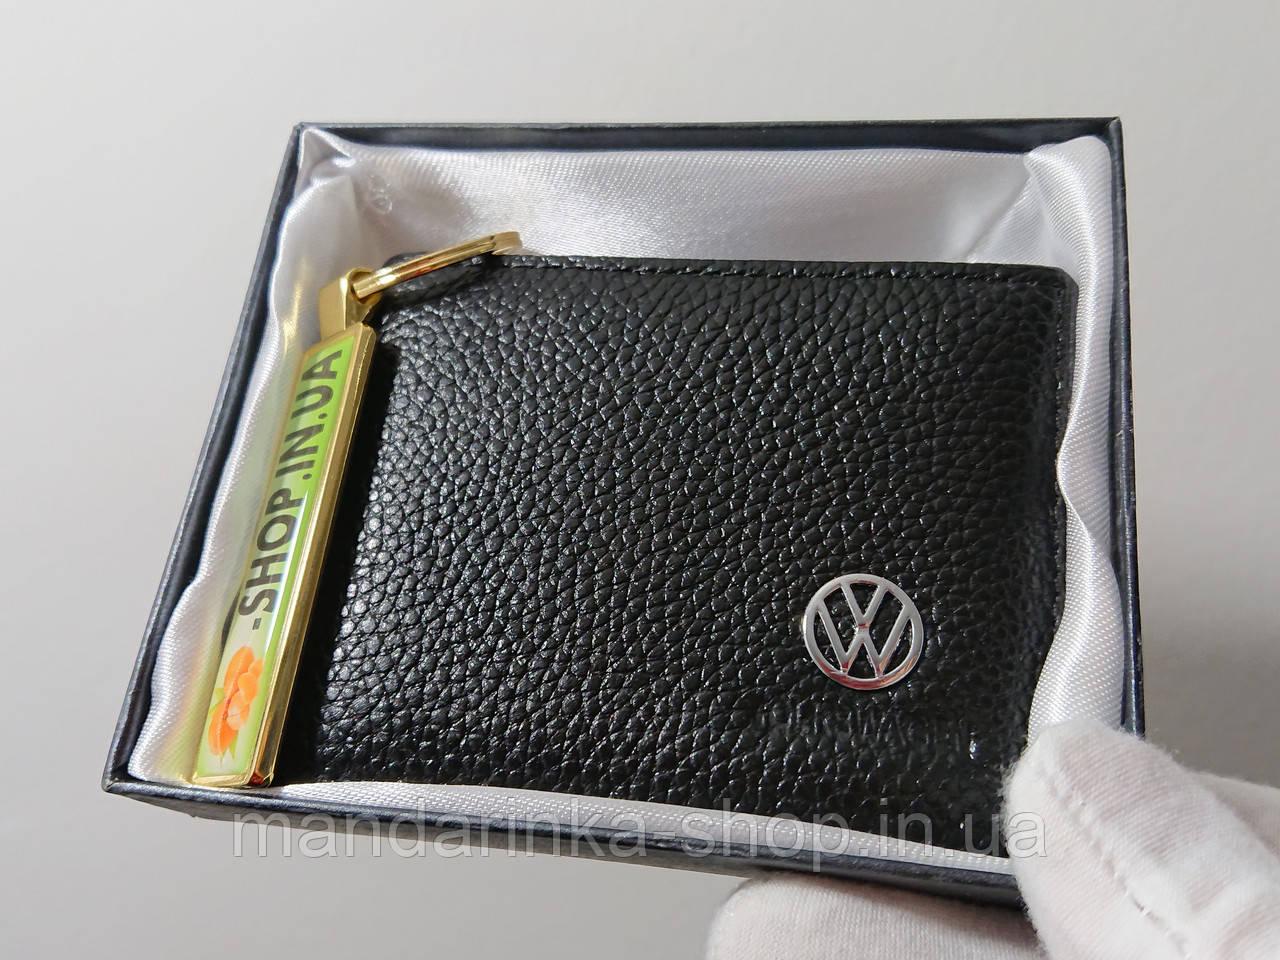 Обкладинка для автодокументів з логотипом Volkswagen